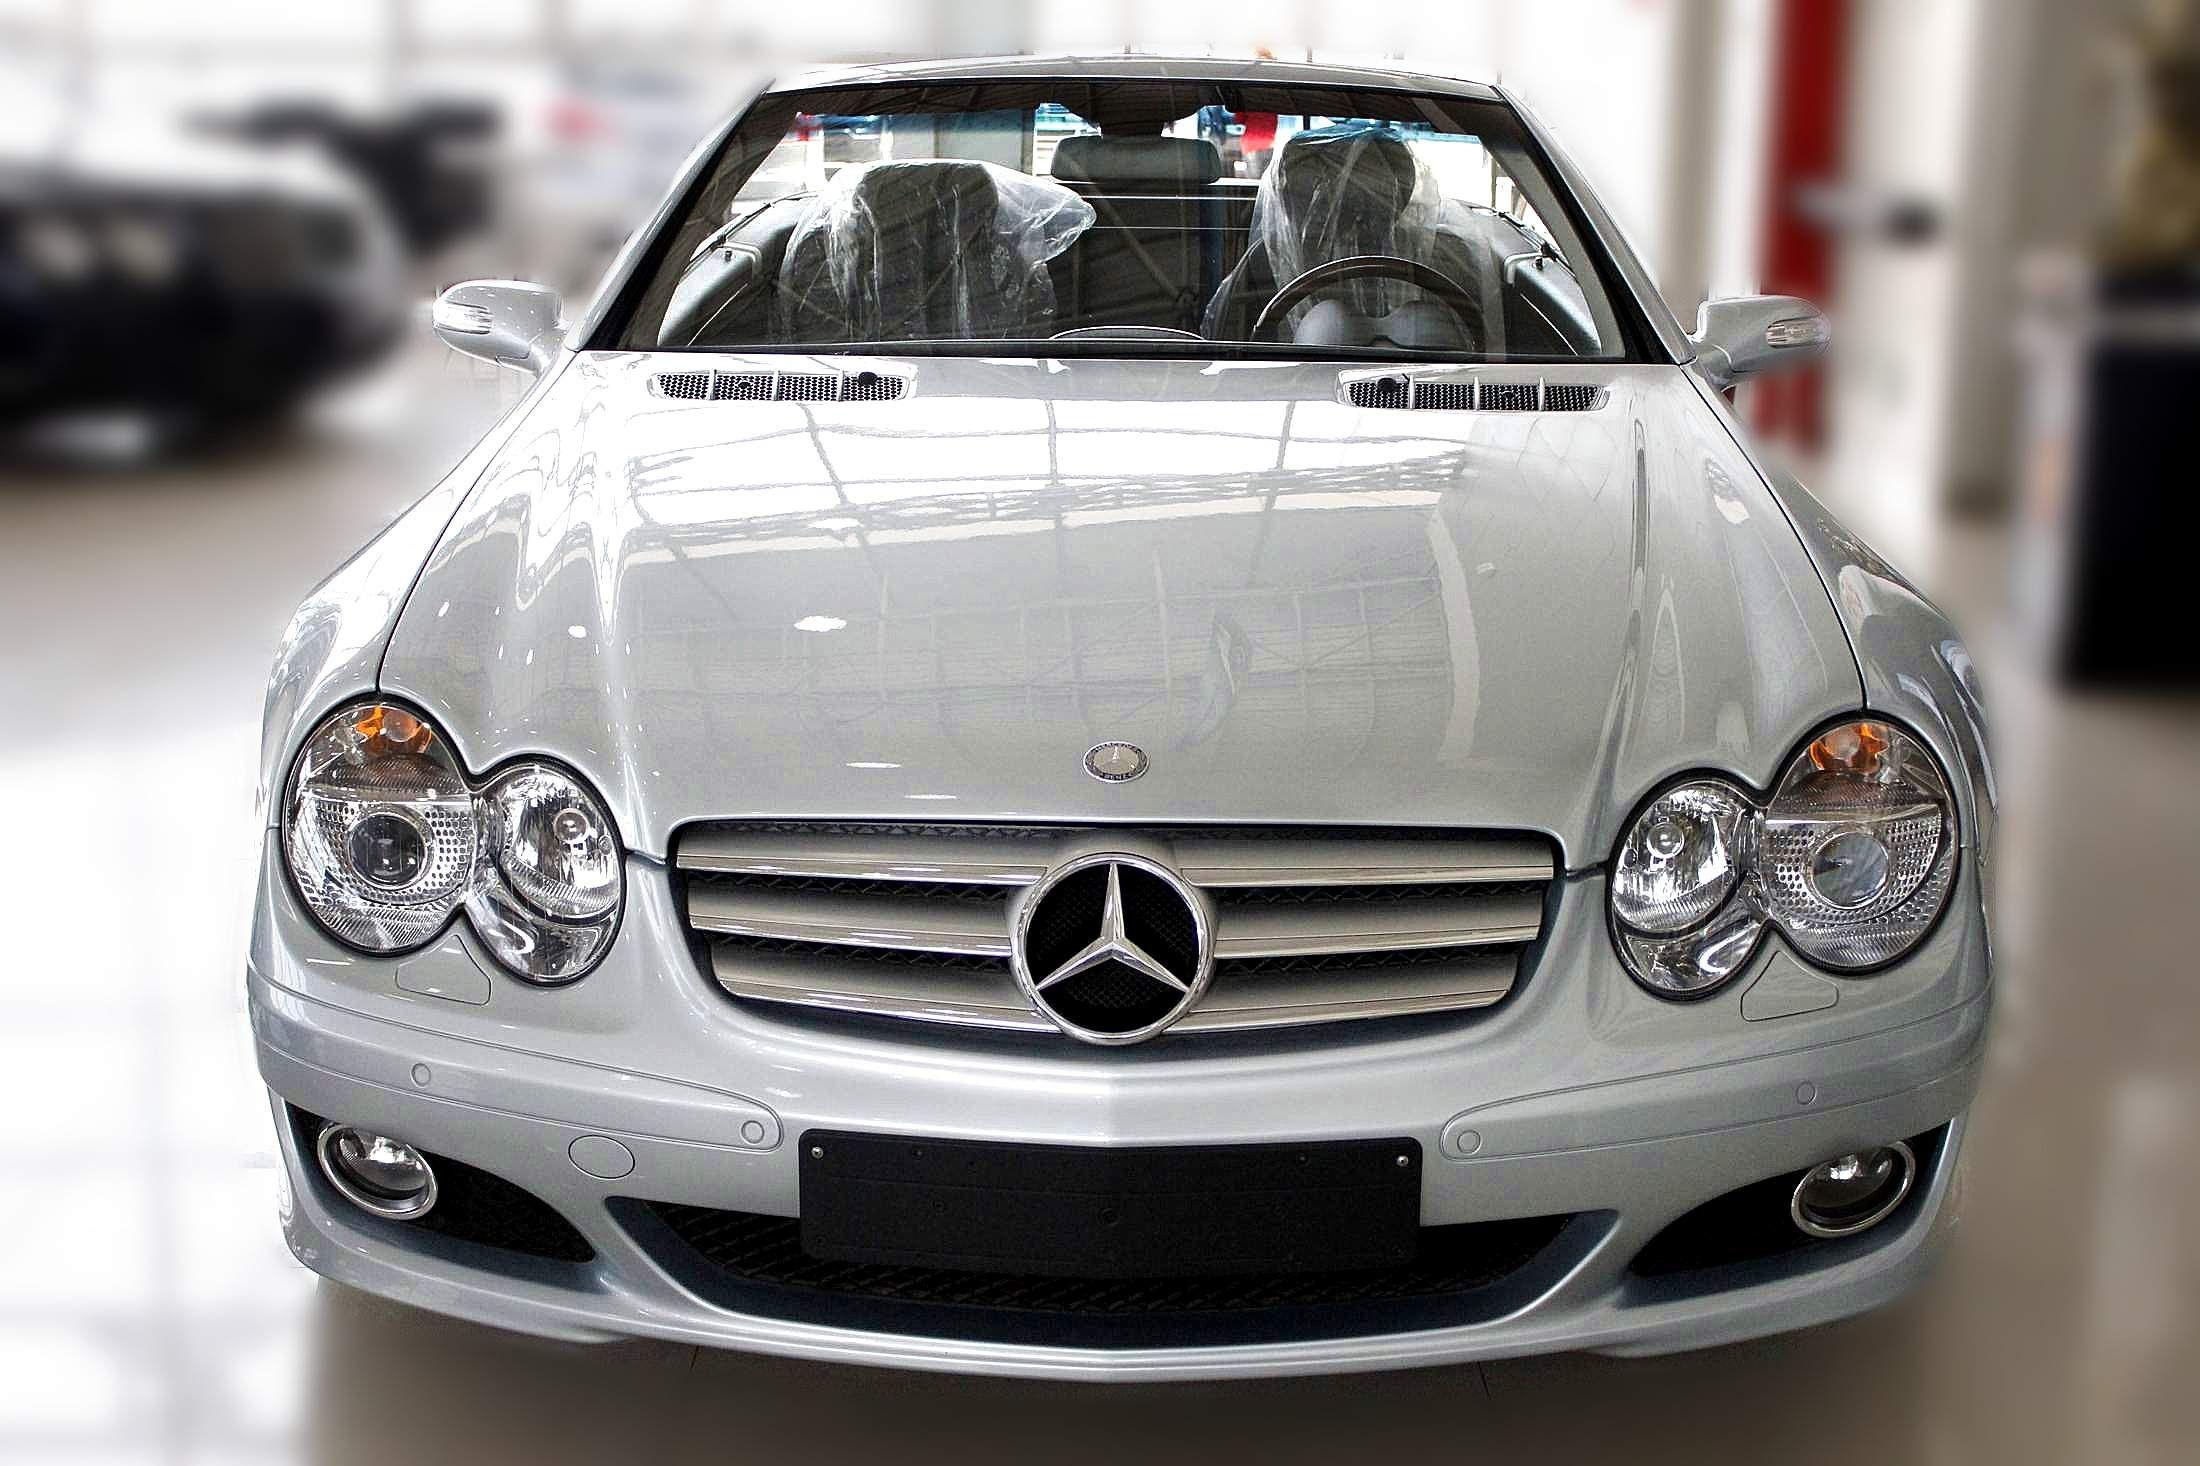 天津东丽区 2008年 奔驰sl350 3.5 v6 高清图片